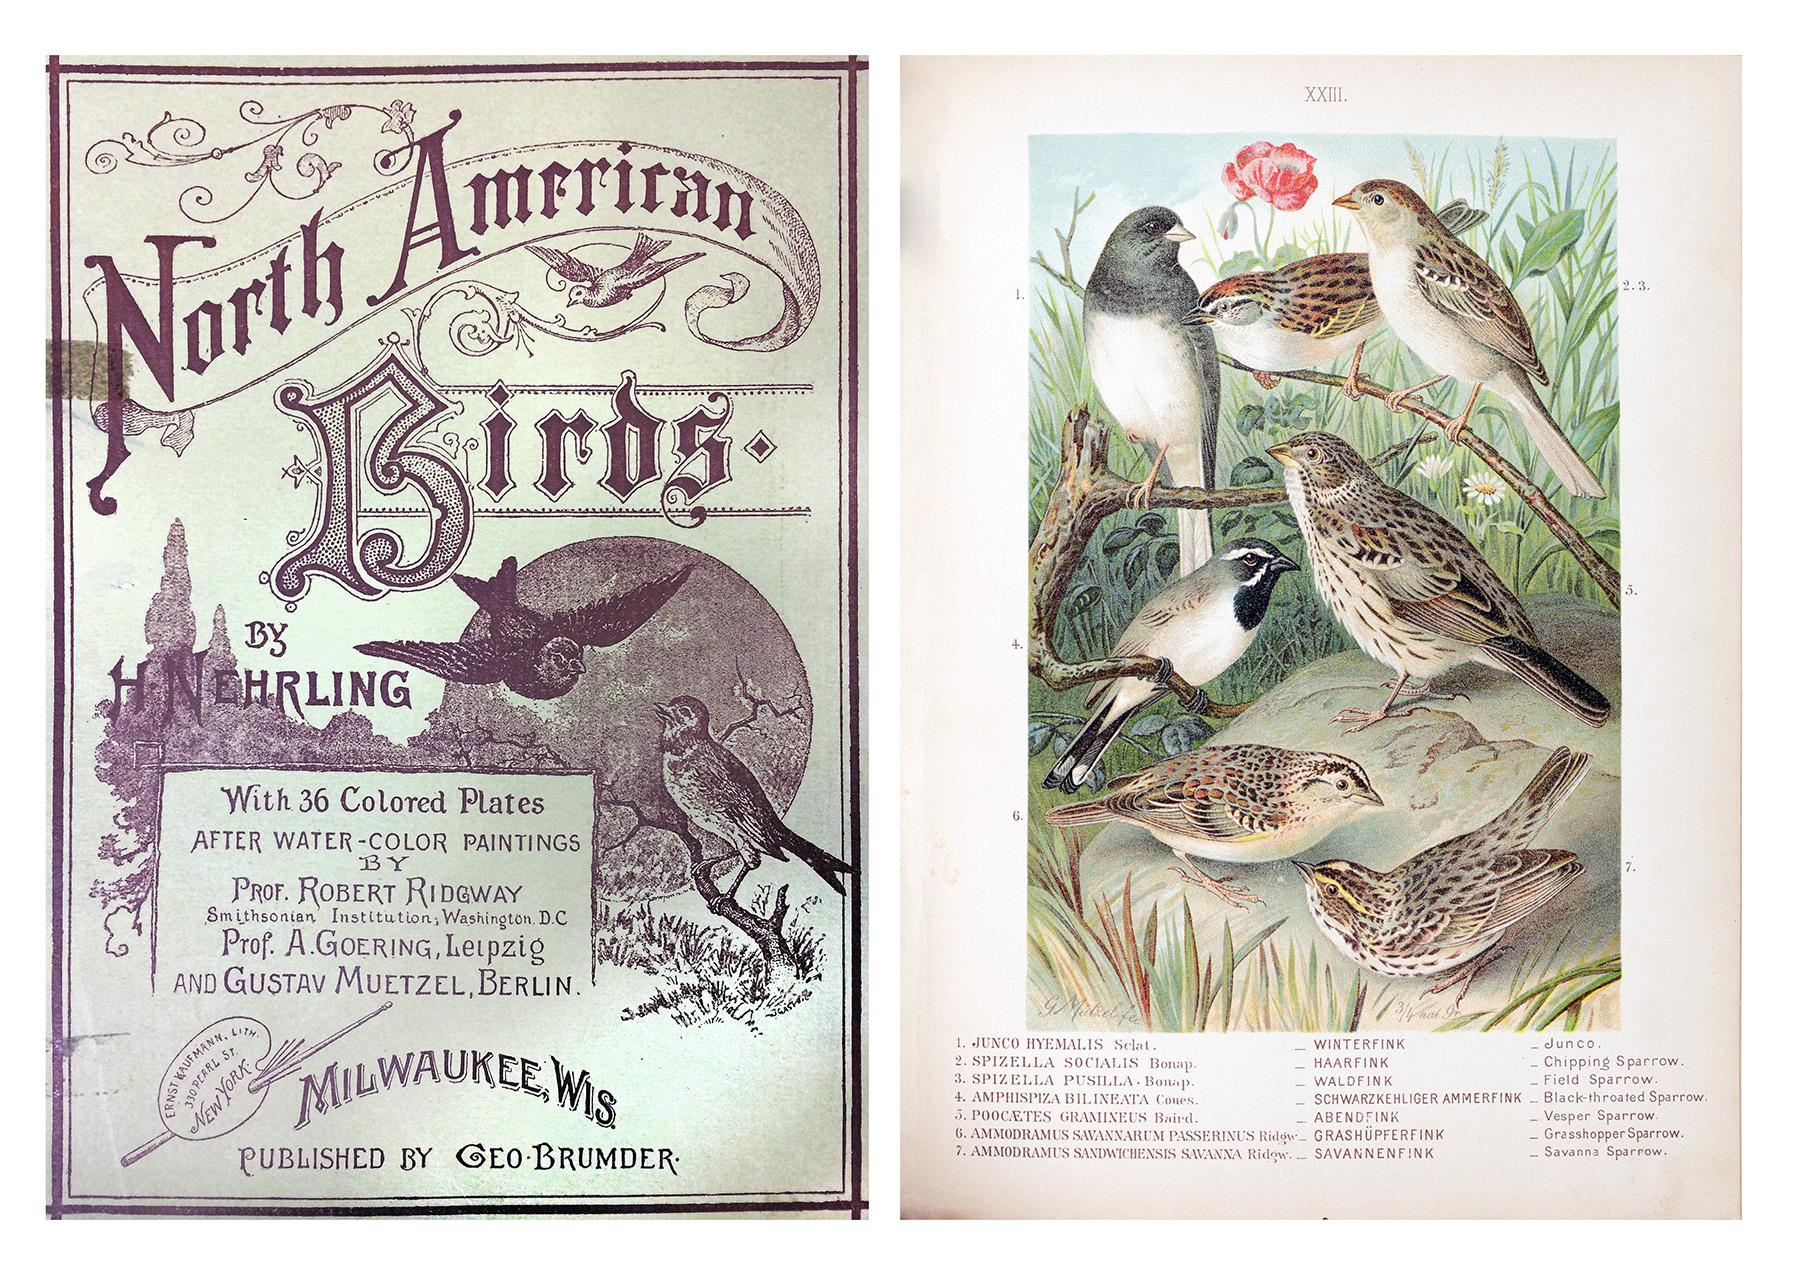 4-NAmericanBirds-Nehrling.jpg